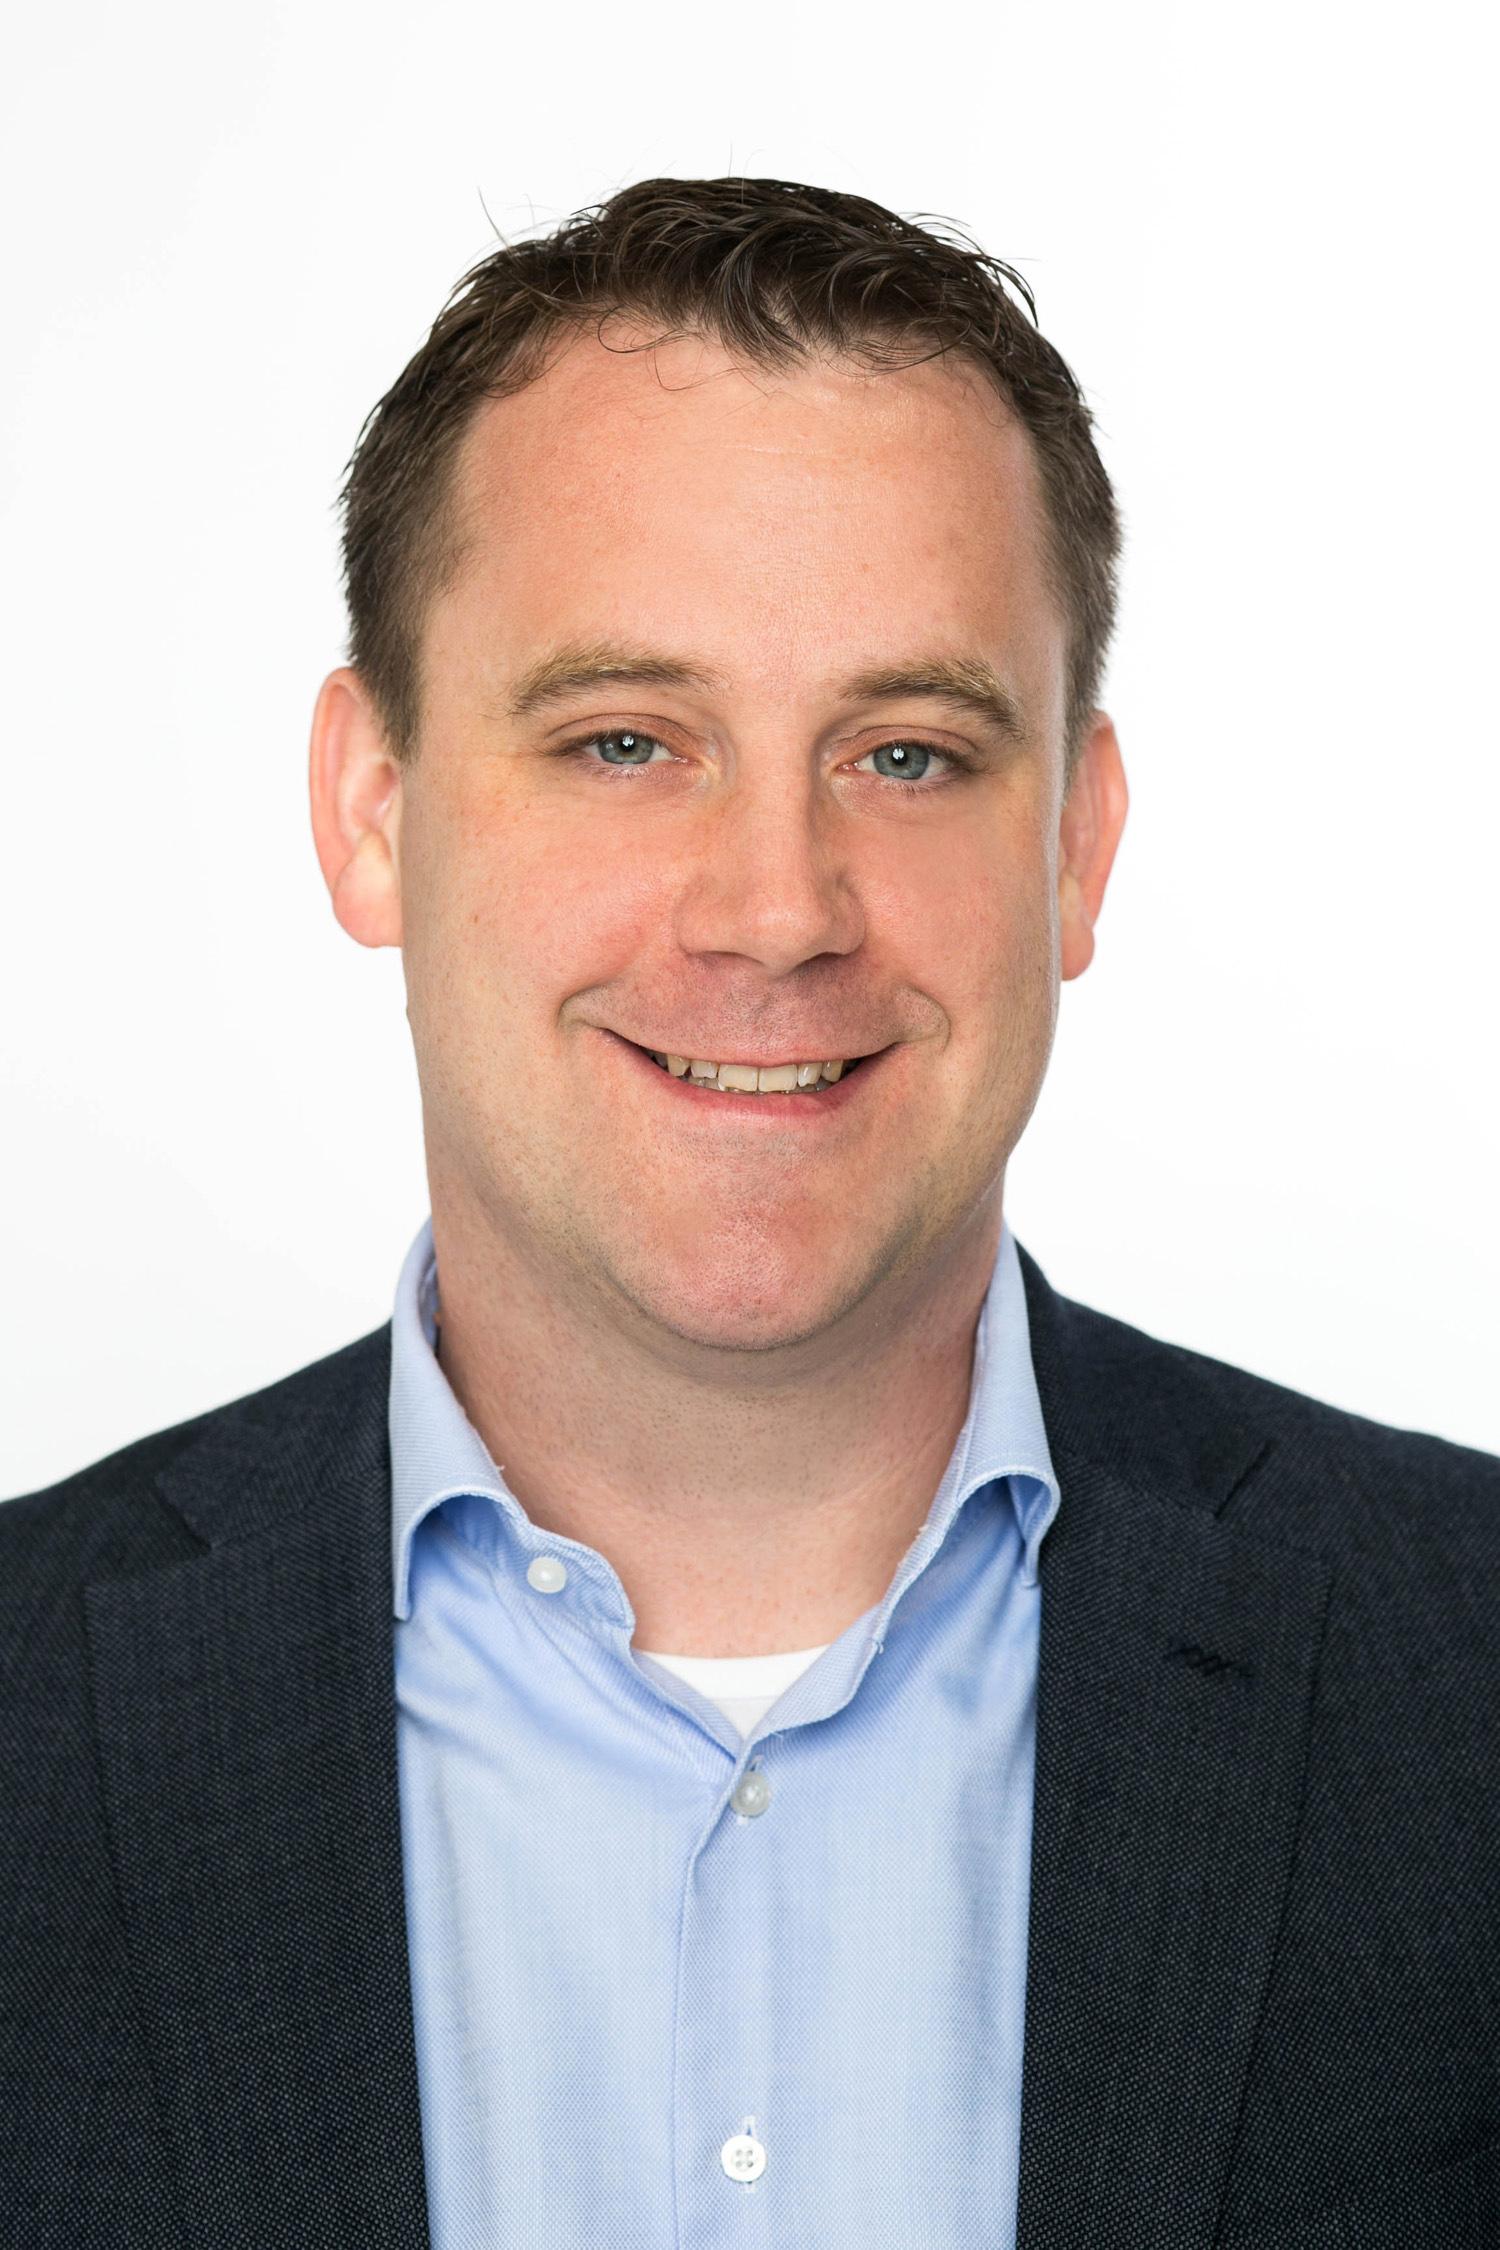 Marc Rosier